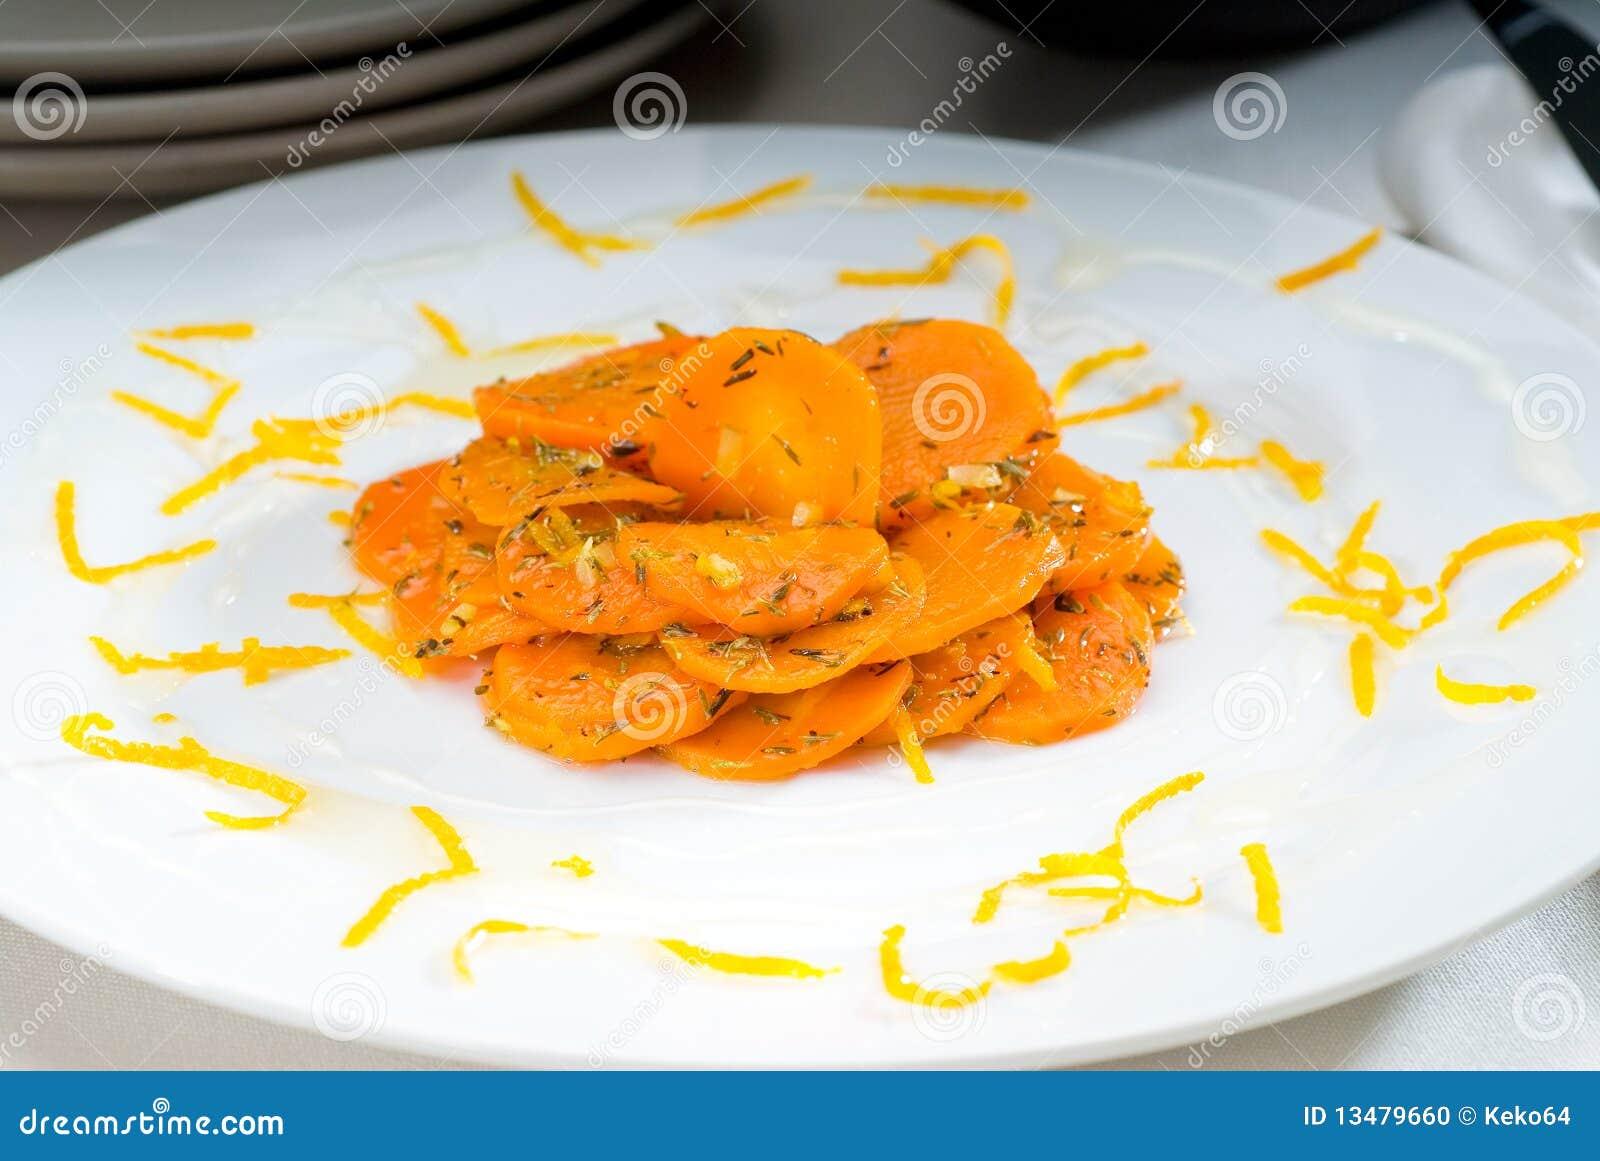 βερνικωμένο καρότα μέλι